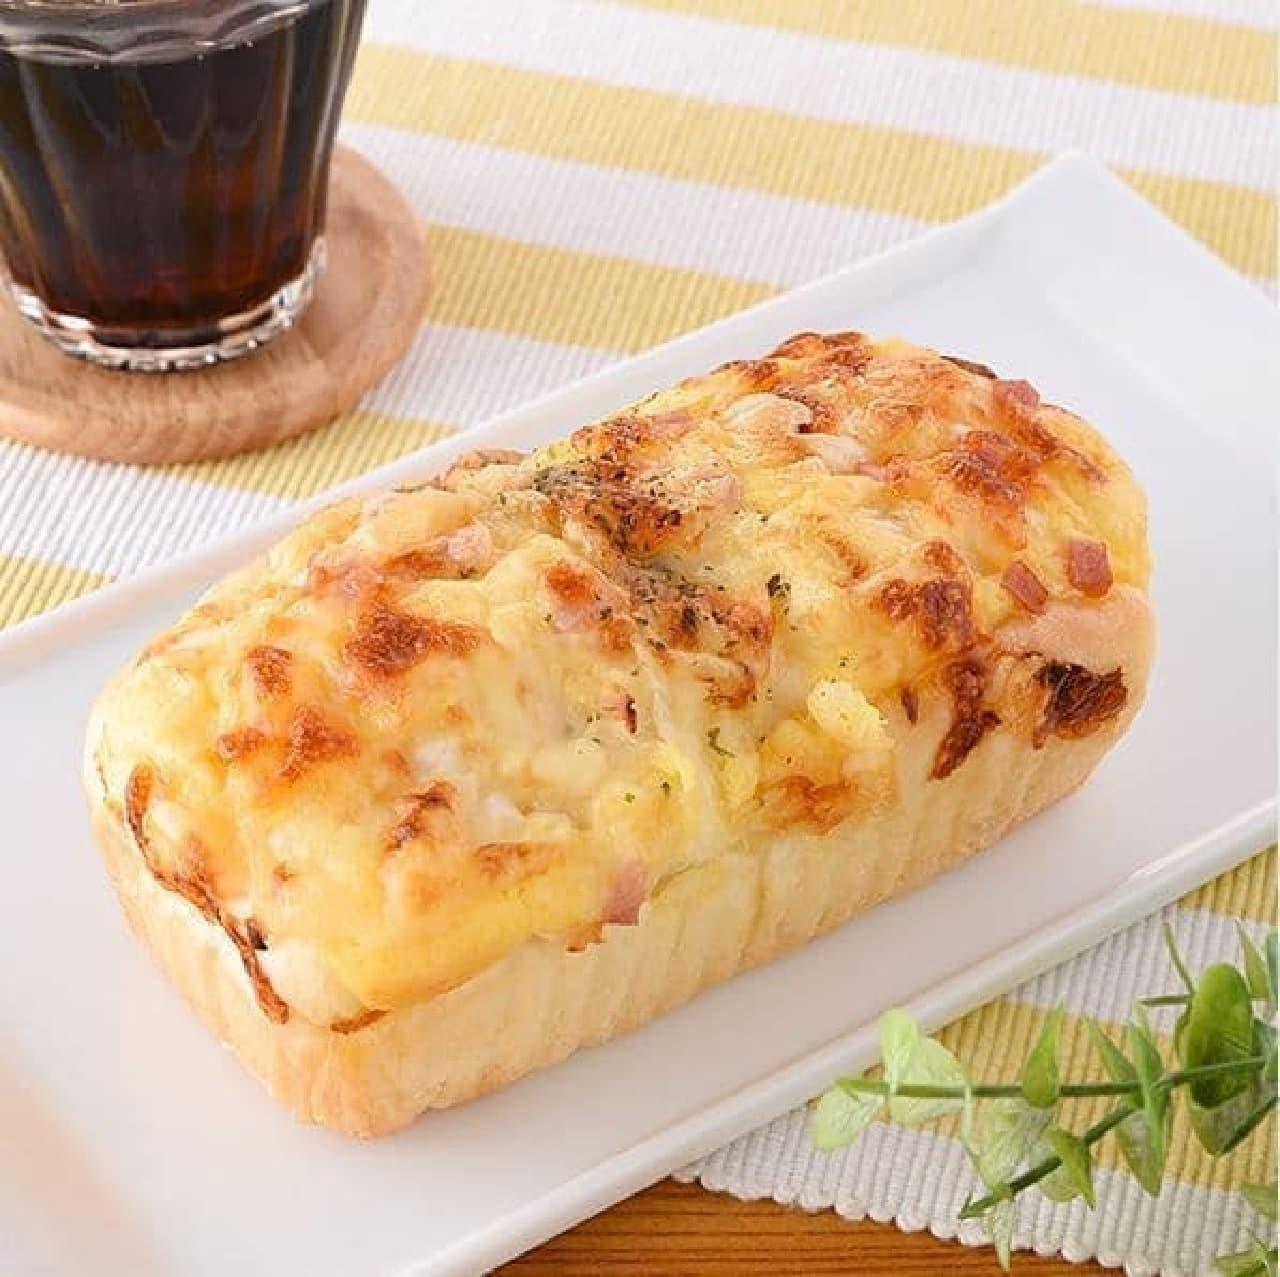 ファミリーマート「チーズオニオンブレッド」